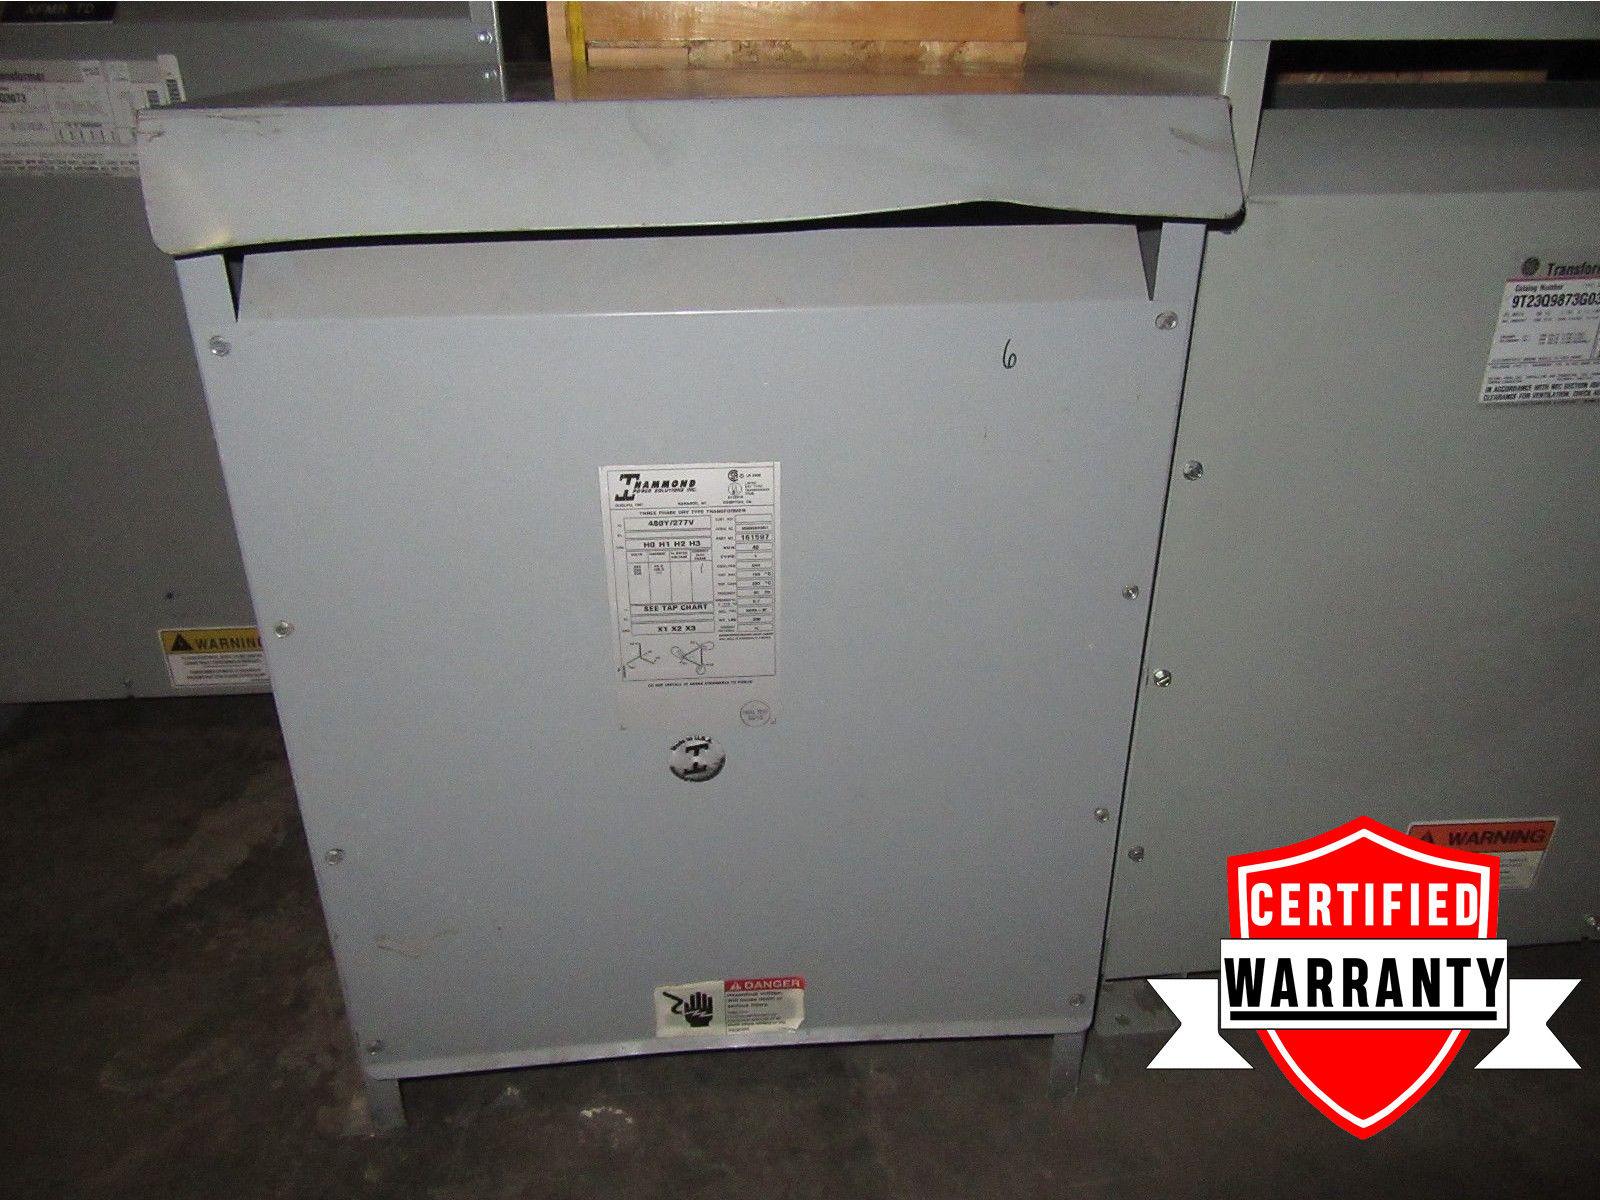 3R HAMMOND 40 KVA transformer 161597 480Y/277VAC 2 year warranty on